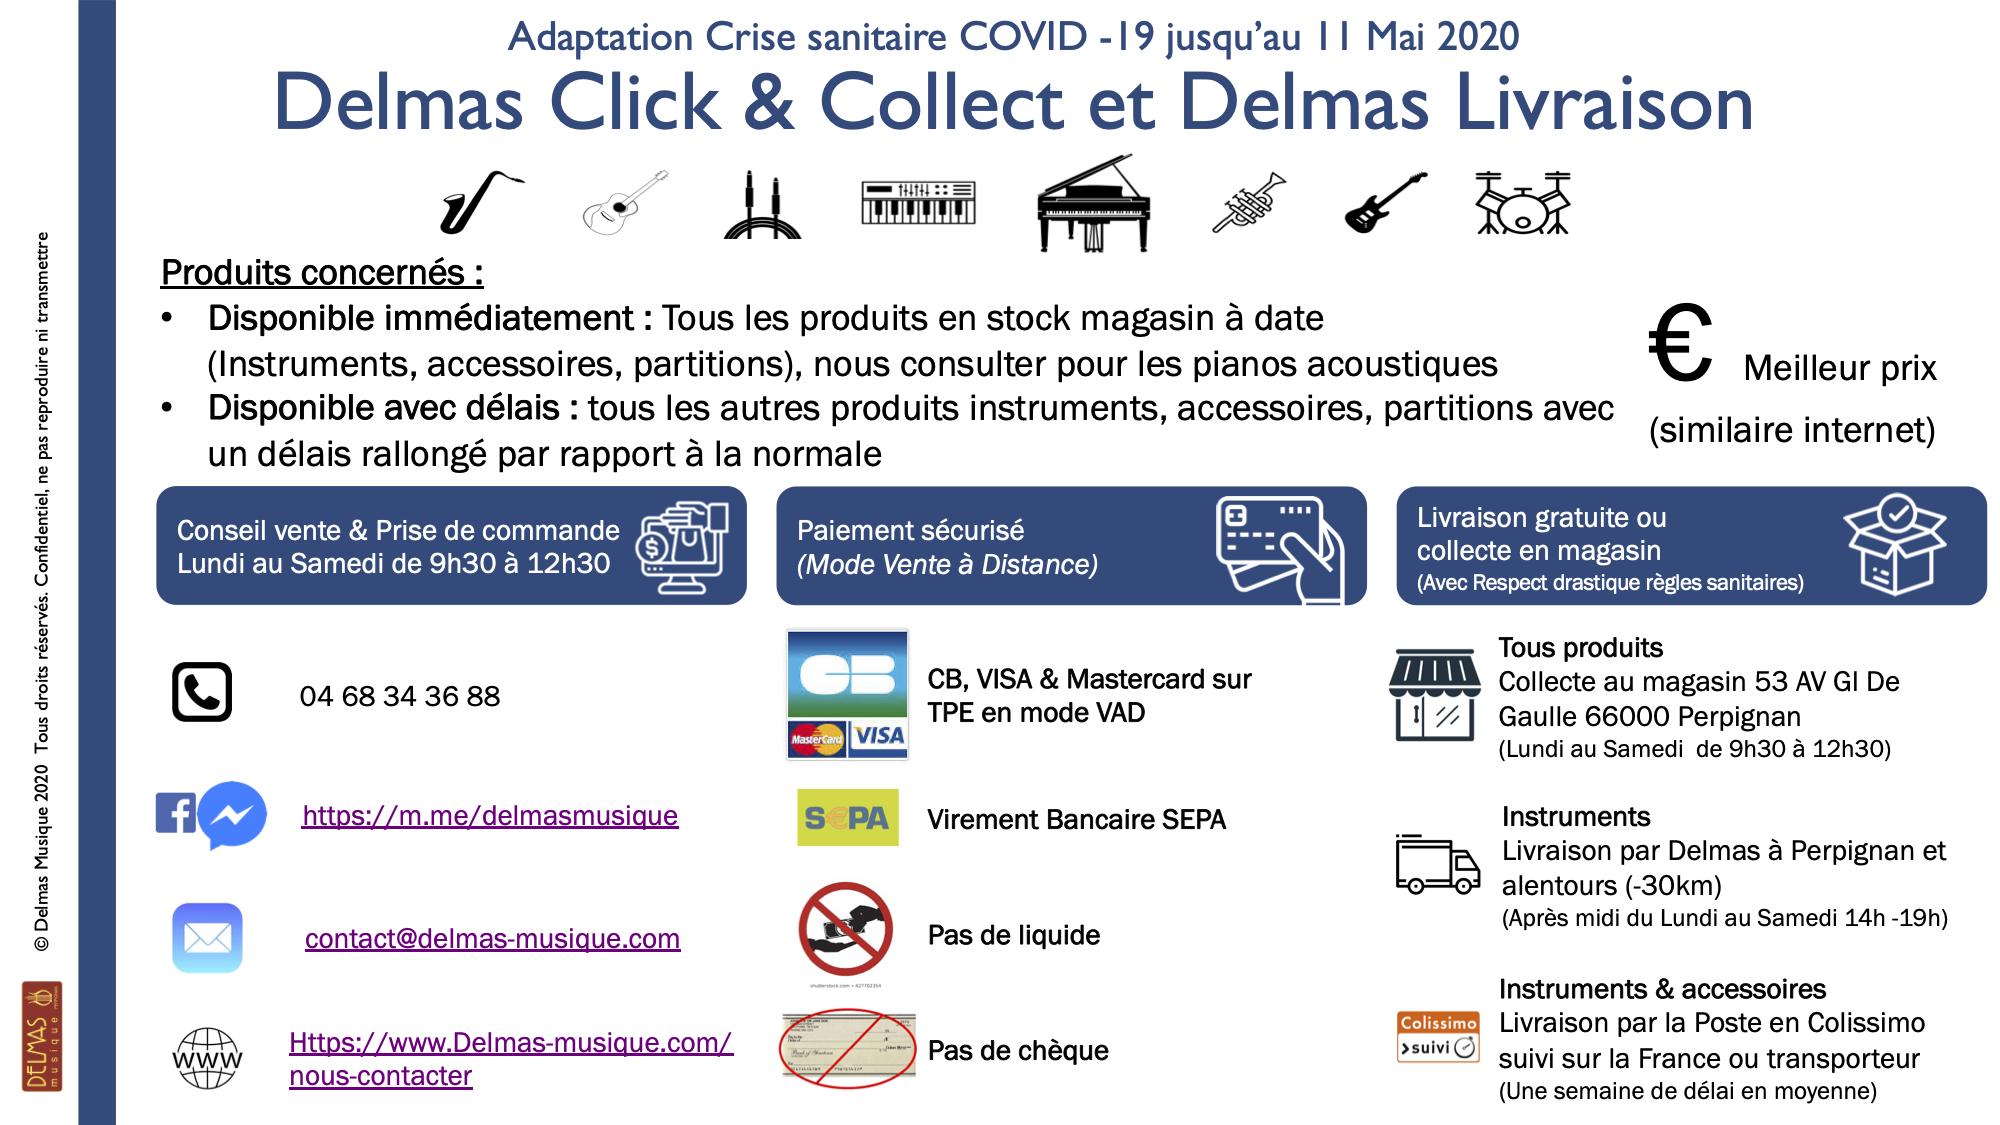 Delmas Musique 2020-04-18-COVID-19-Delmas-Click-Collect-Delmas-Livraison-glissées Delmas Click & Collect et Delmas Livraison